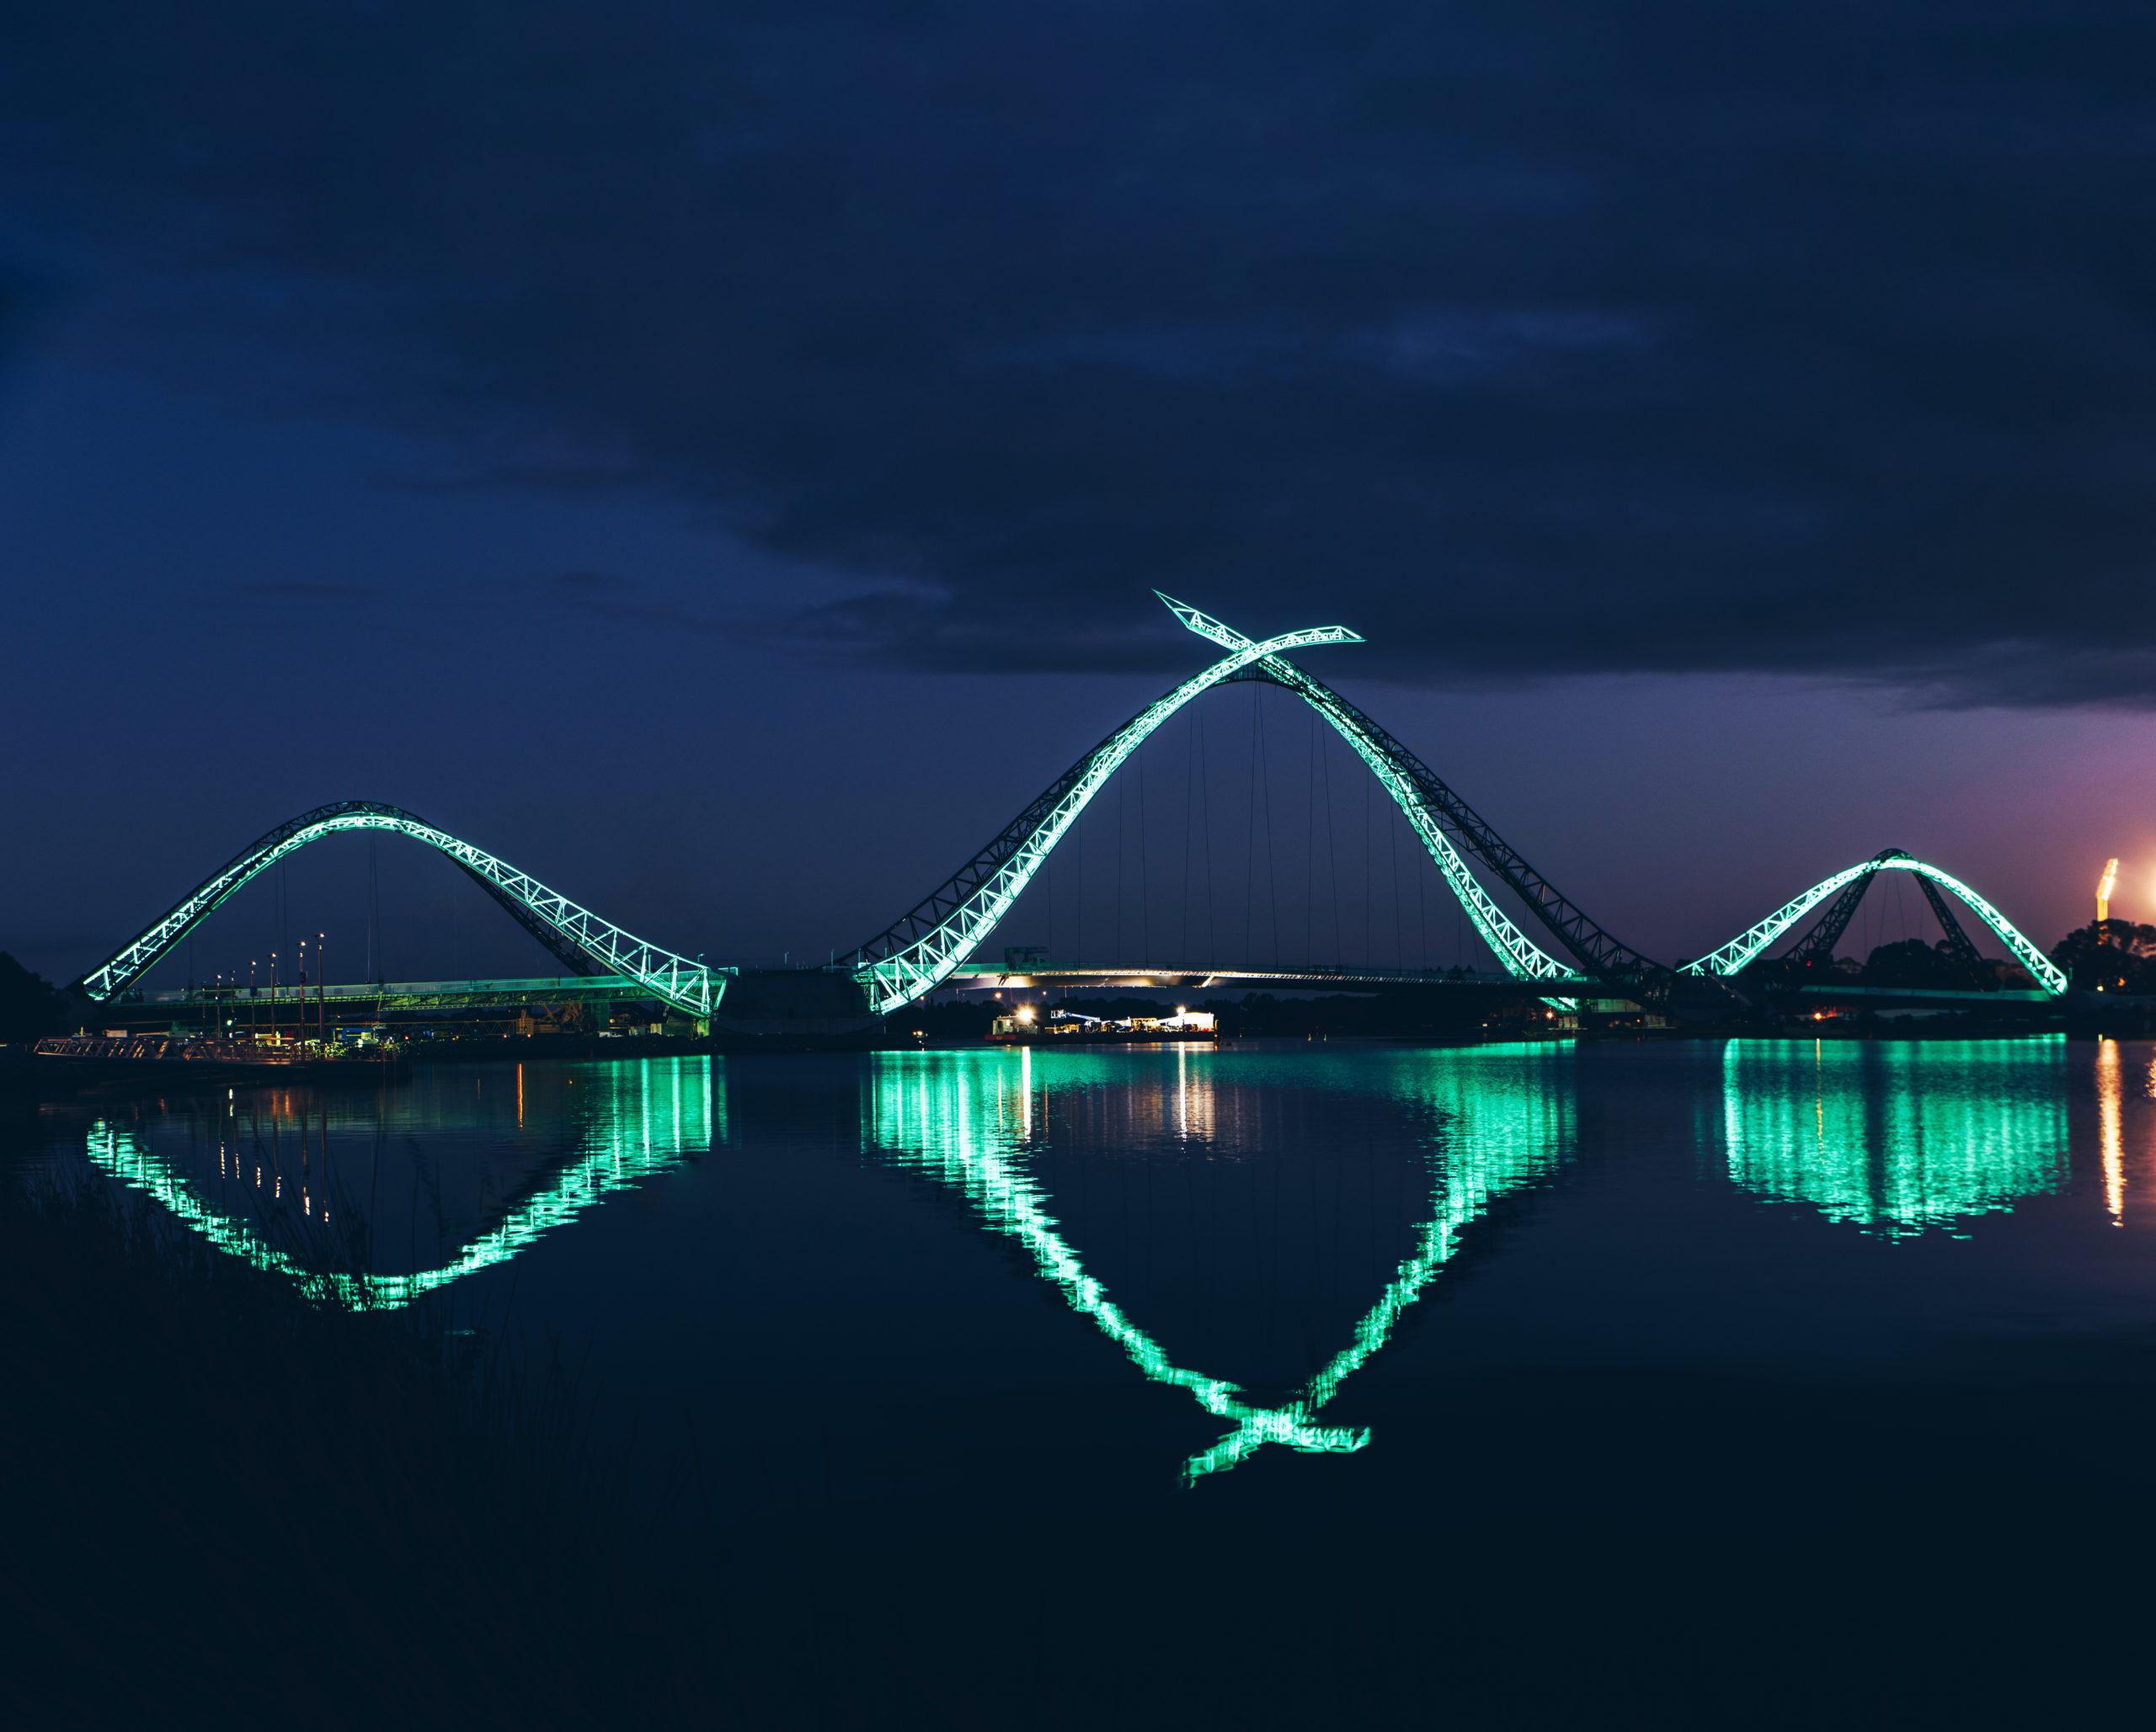 Matagarup Bridge at night, Perth WA